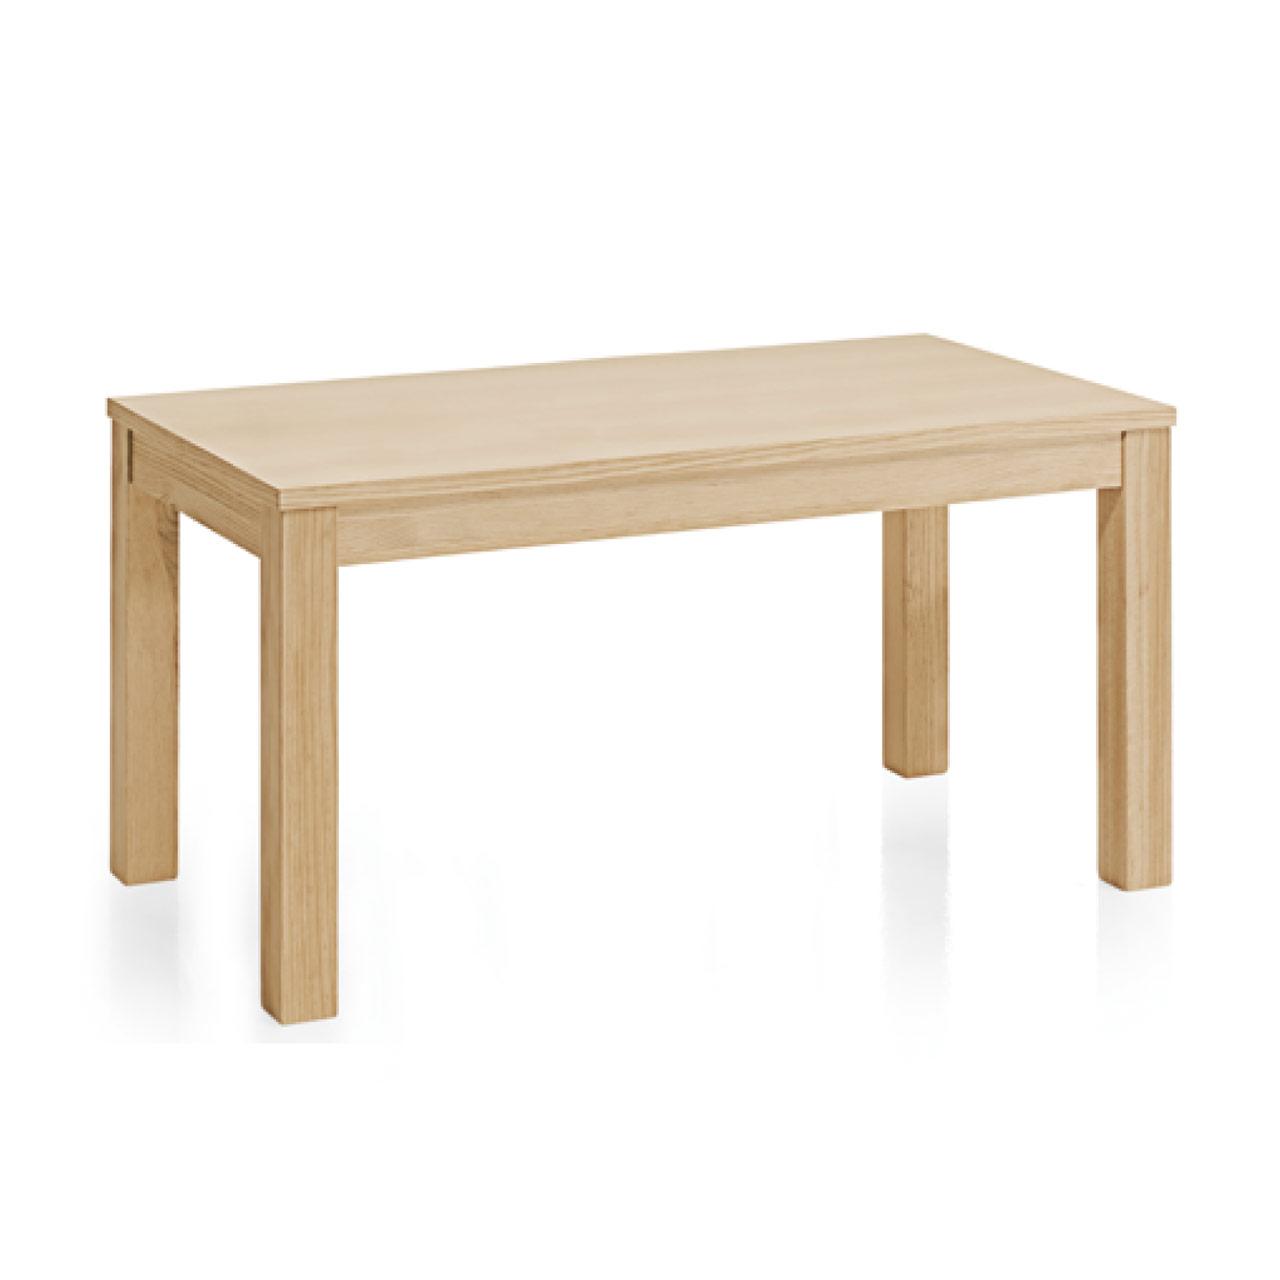 Mesa de comedor de madera maciza y estilo n rdico la for Mesa comedor estilo nordico